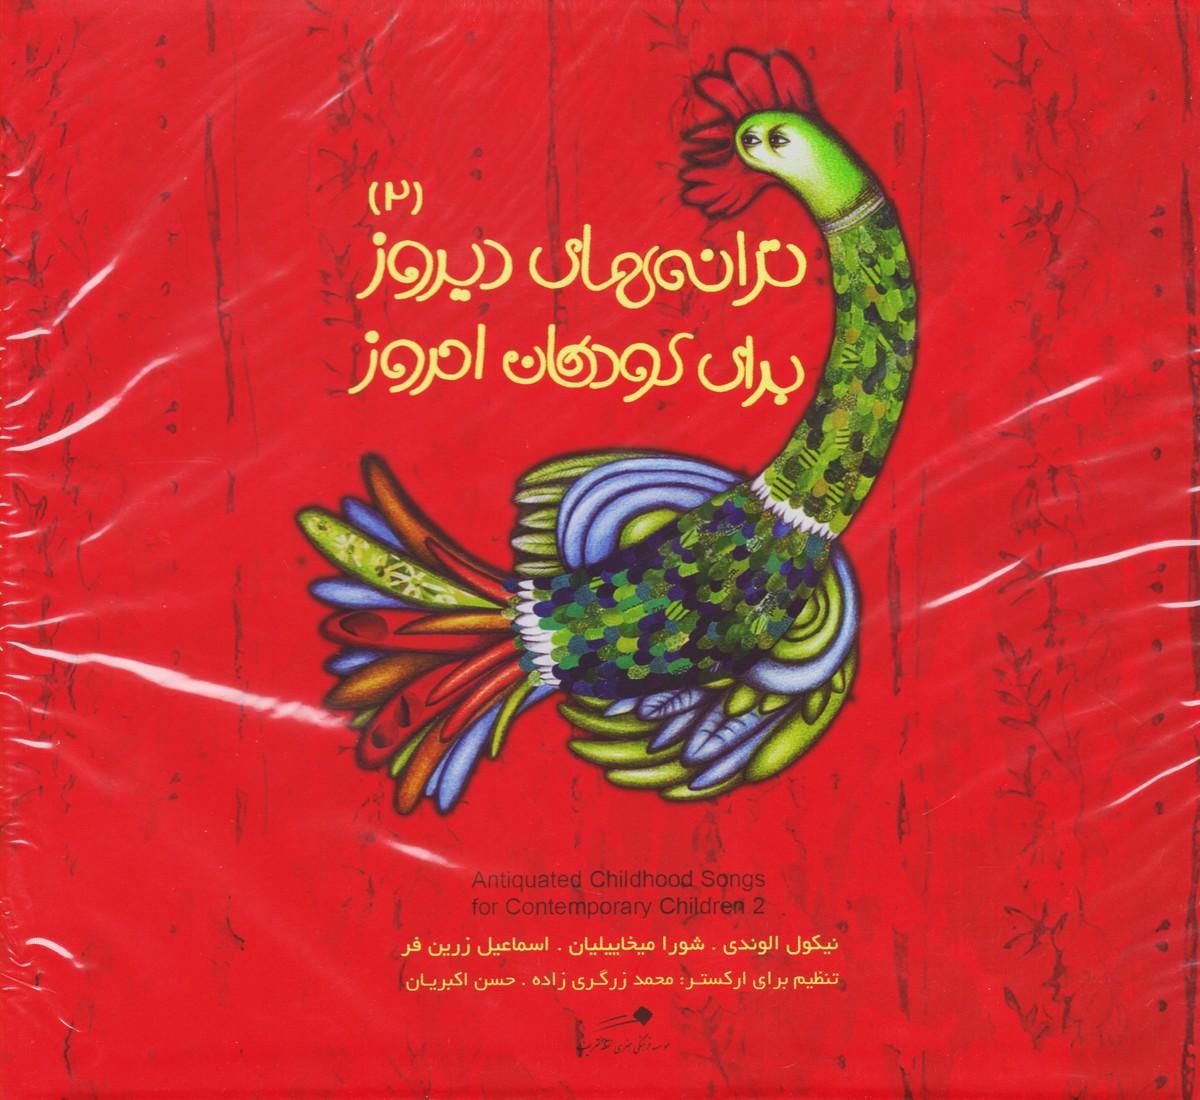 ترانه های دیروز برای کودکان امروز (2)